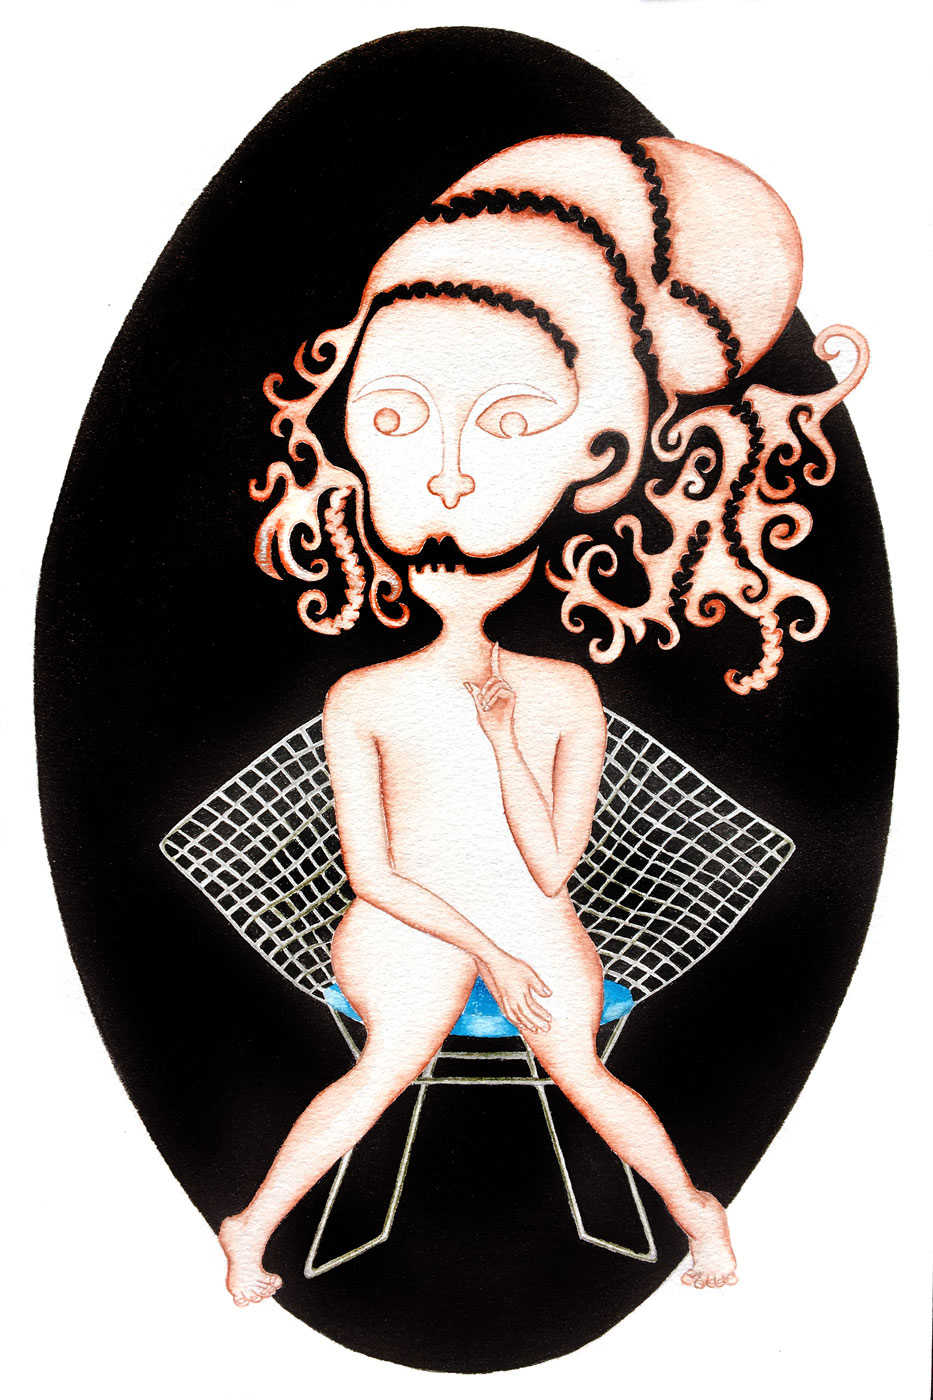 Zodiaque - Vierge sur un fauteuil bertoya   30 x 20 cm